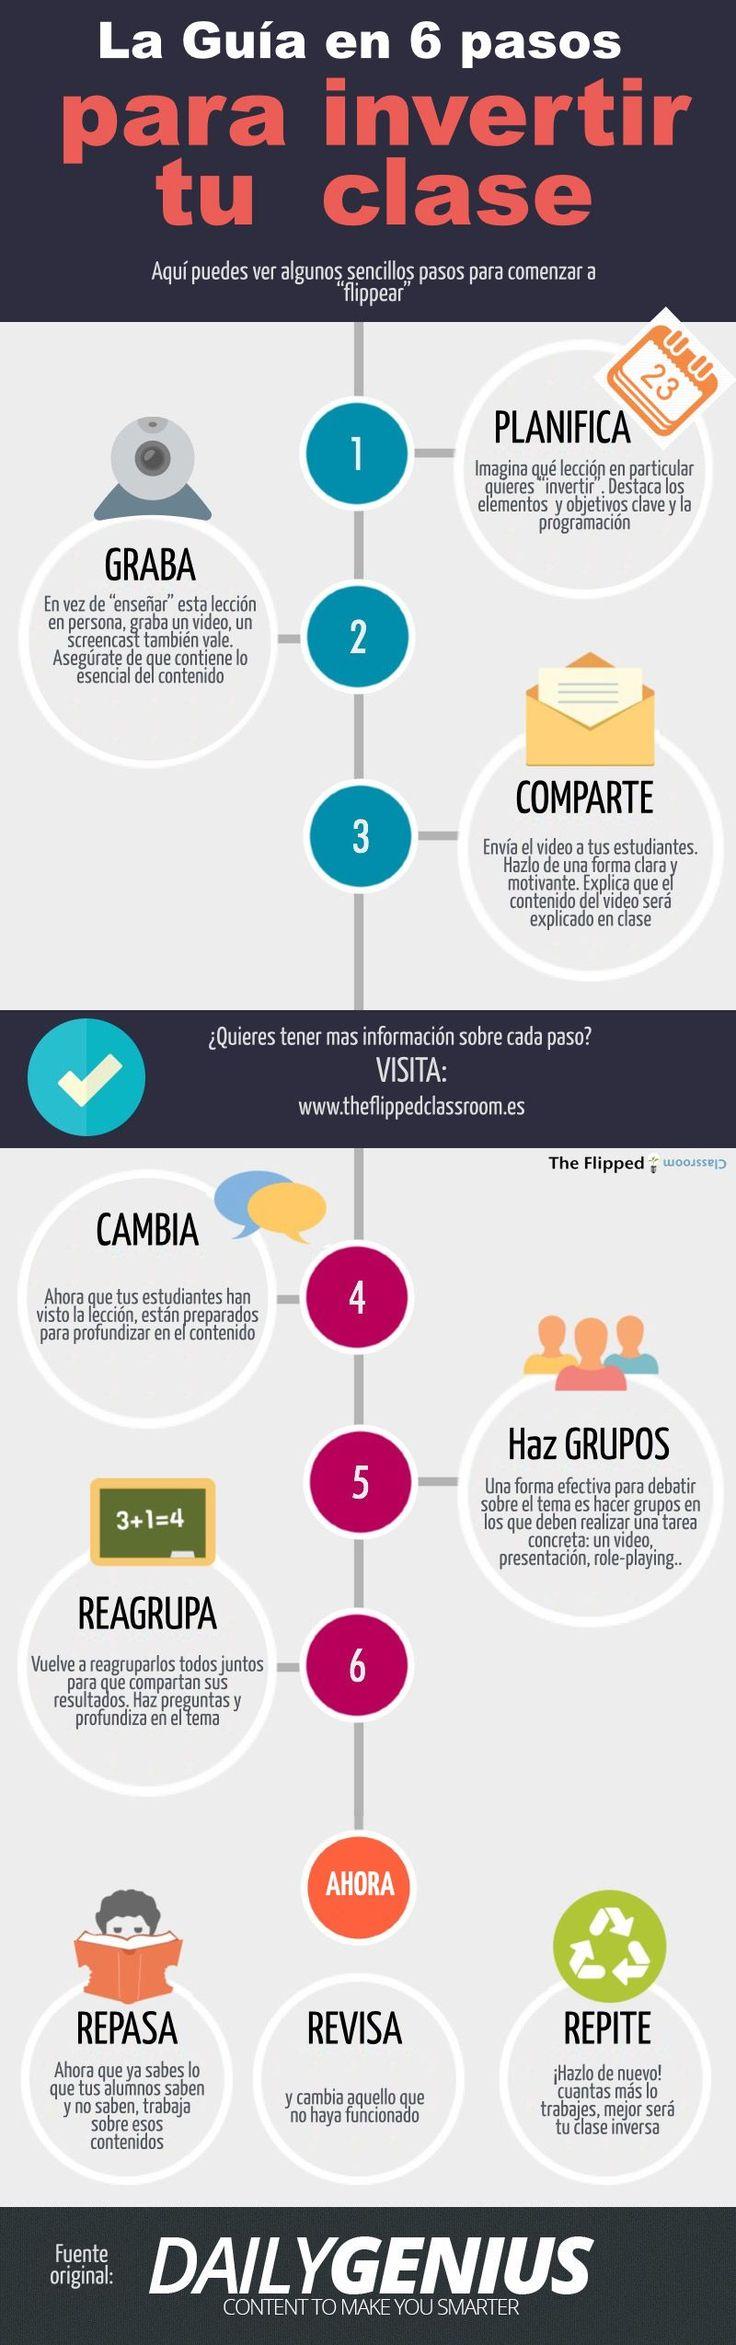 """Hola: Compartimos una interesante infografía sobre """"6 Pasos para Invertir tu Clase"""" Un gran saludo.  Fuente: theflippedclassroom.es  Enlaces de interés: Clase Tradicional vs Clase Inver..."""